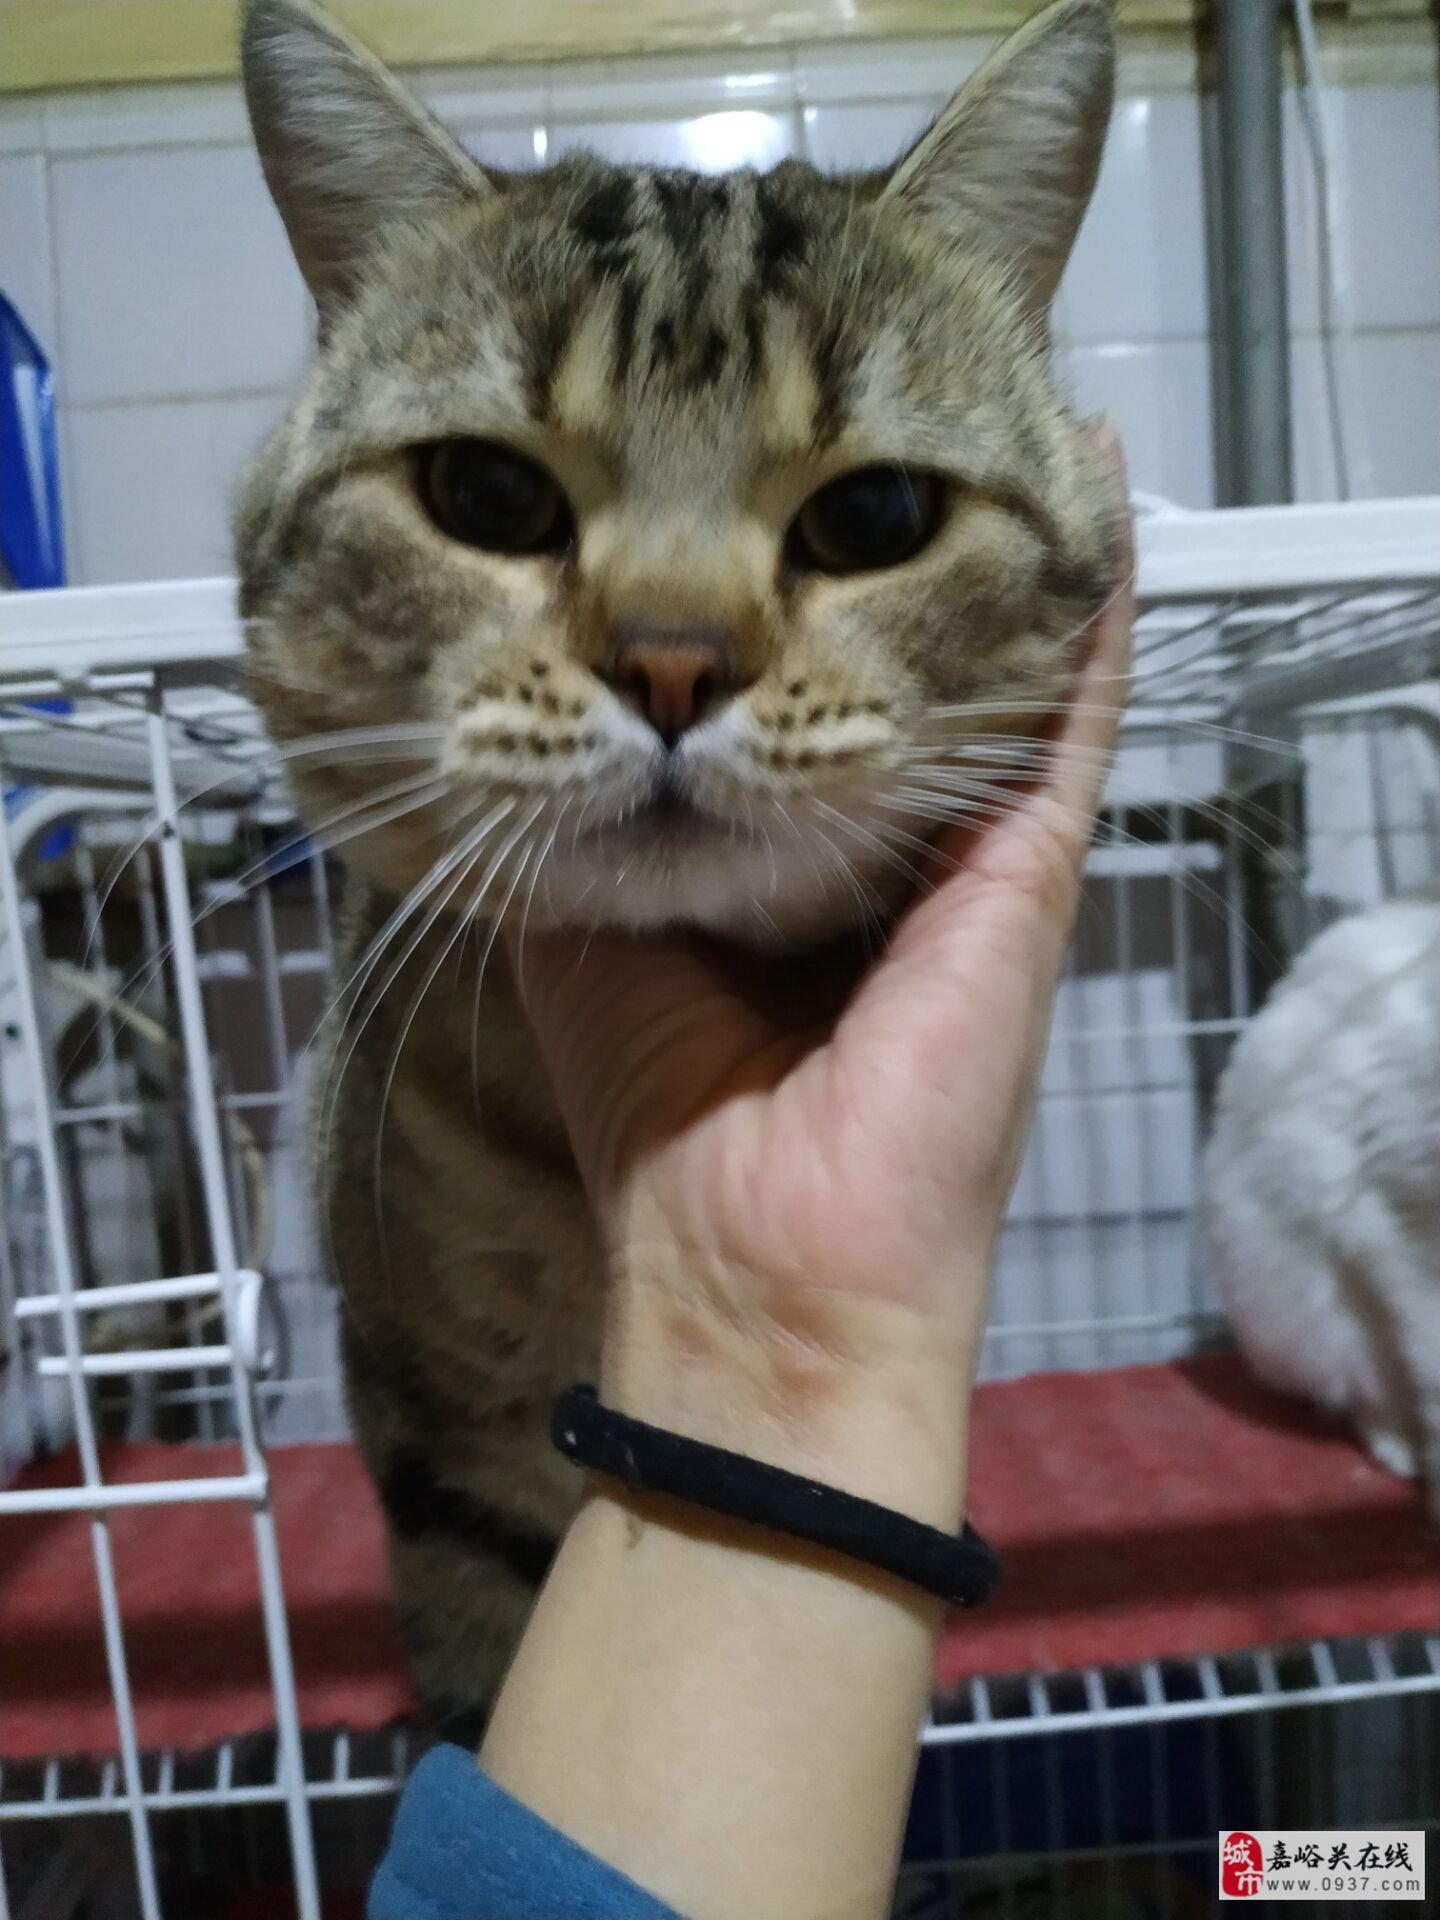 免费领养美短猫猫,个人繁育不想做了,只求对猫好!